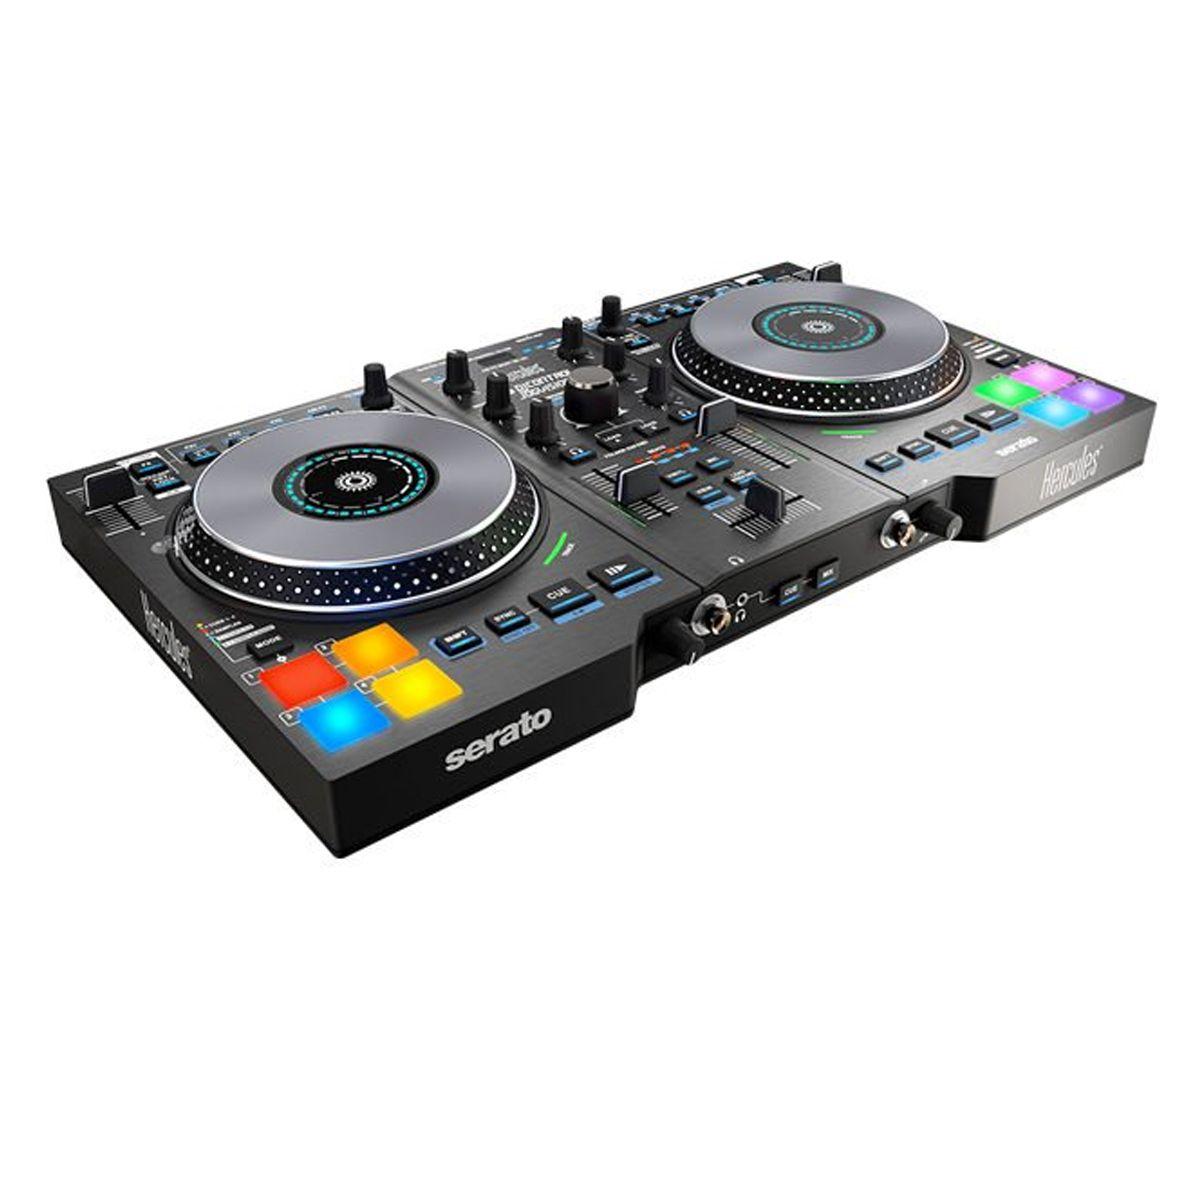 Controladora Hercules DJ Control  Jogvision